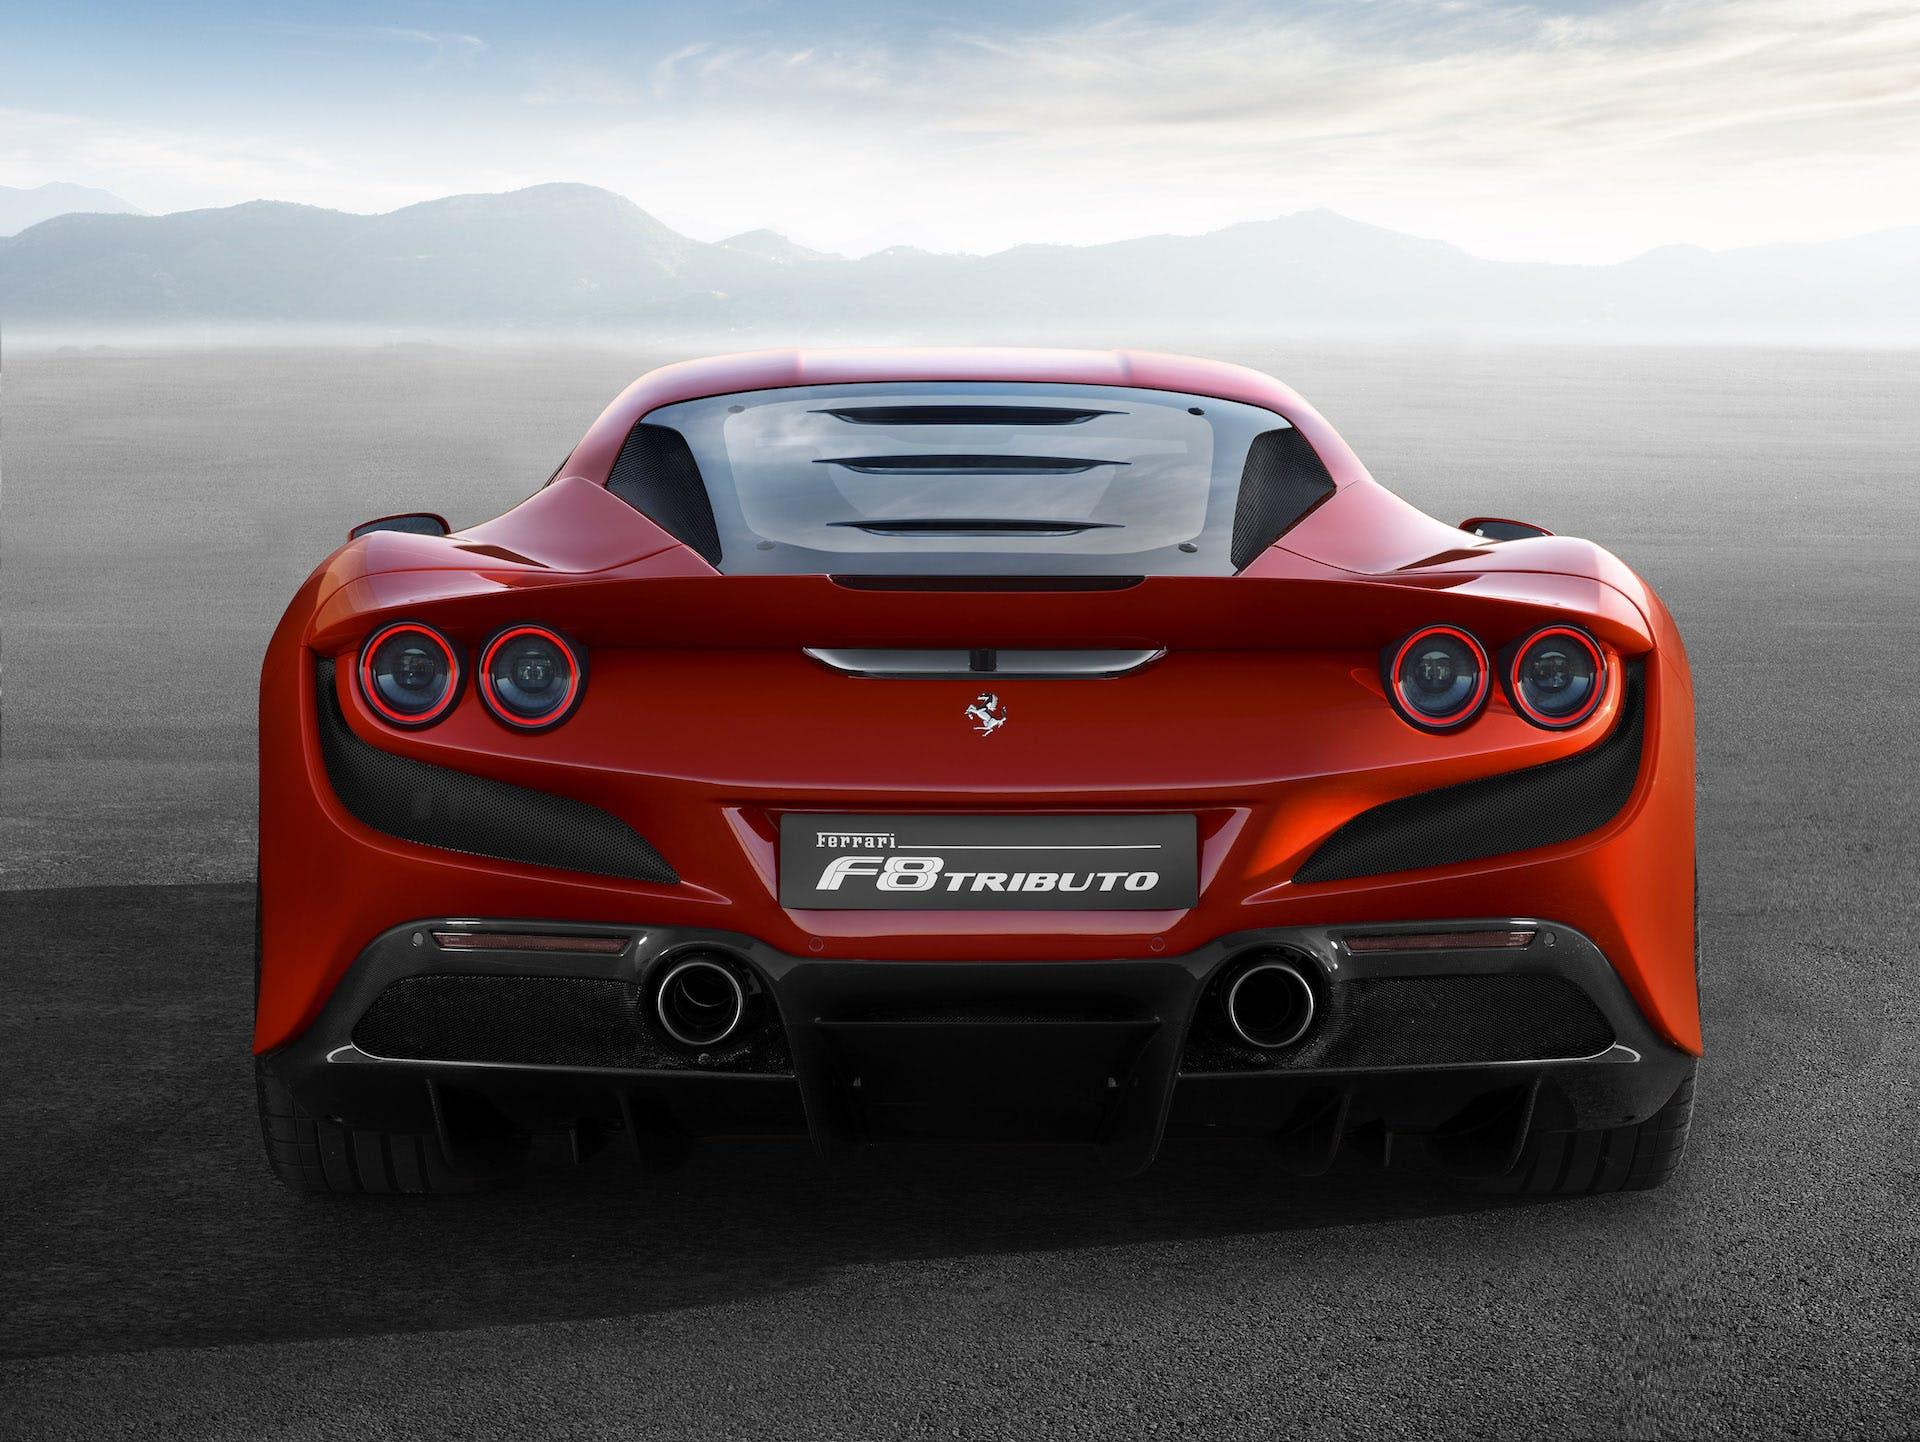 Ferrari F8 Tributo rossa coda